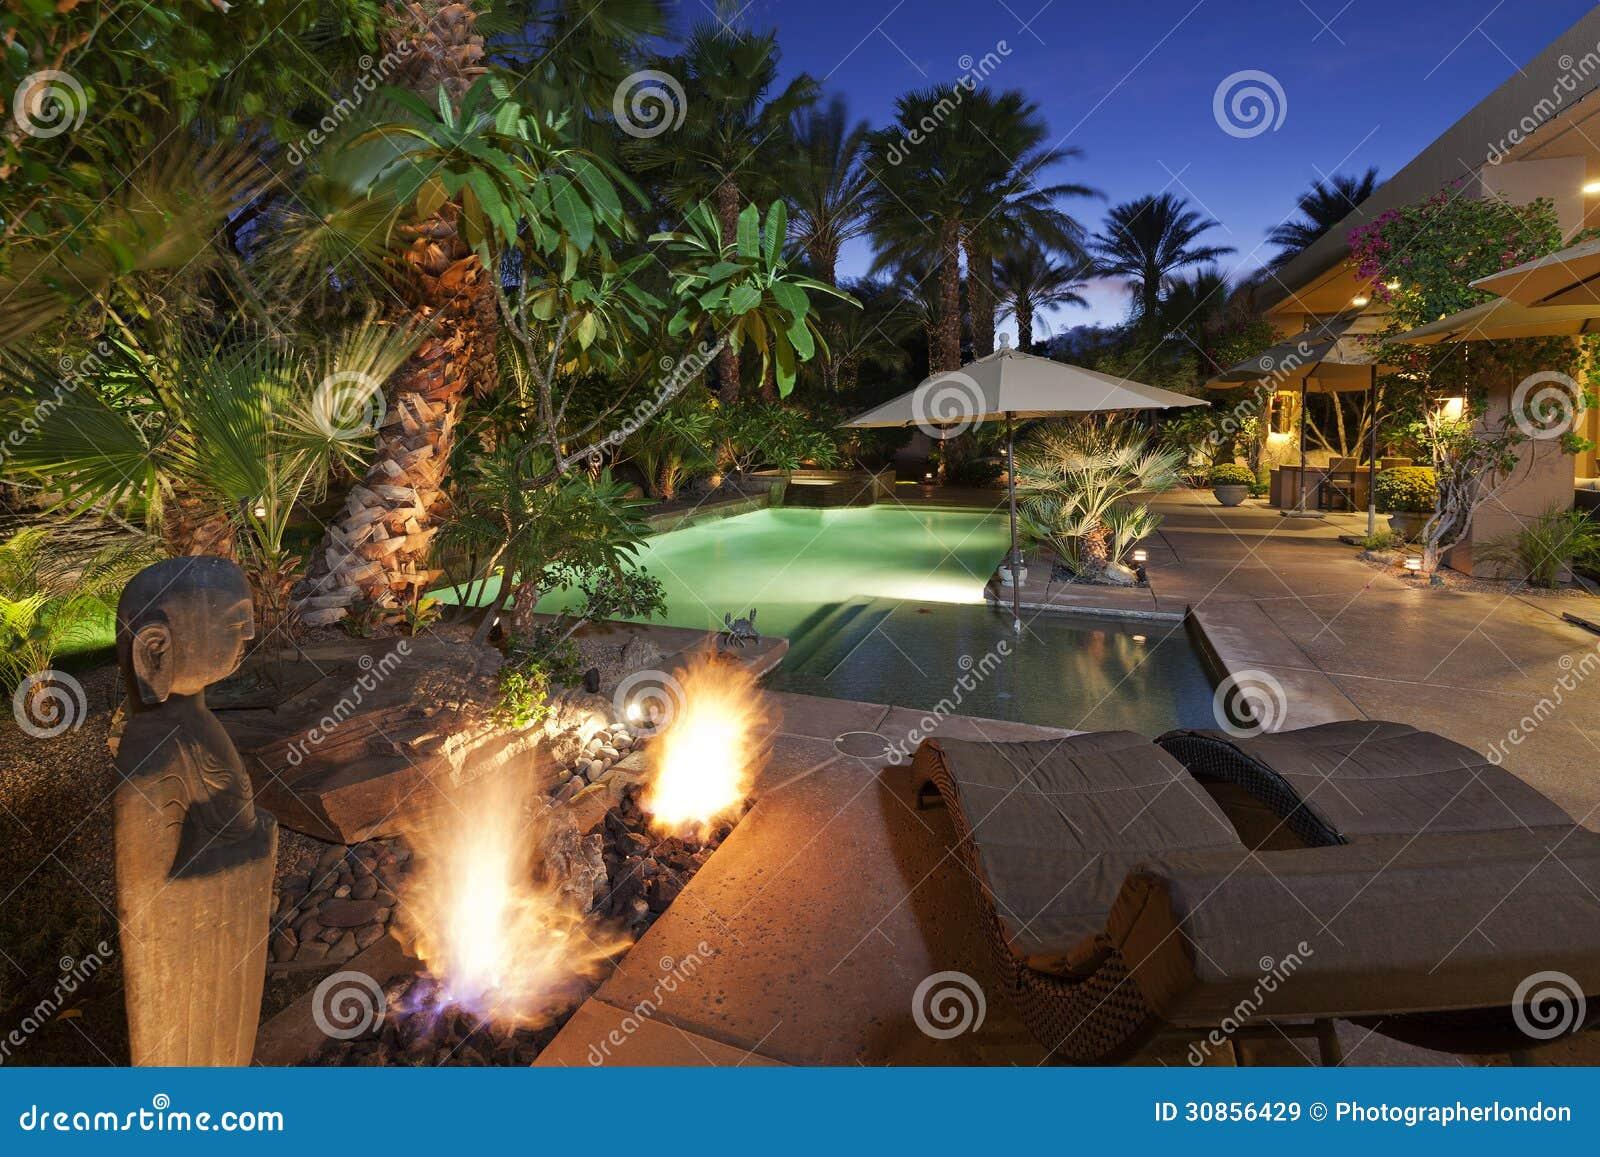 Luxury Villa at night time